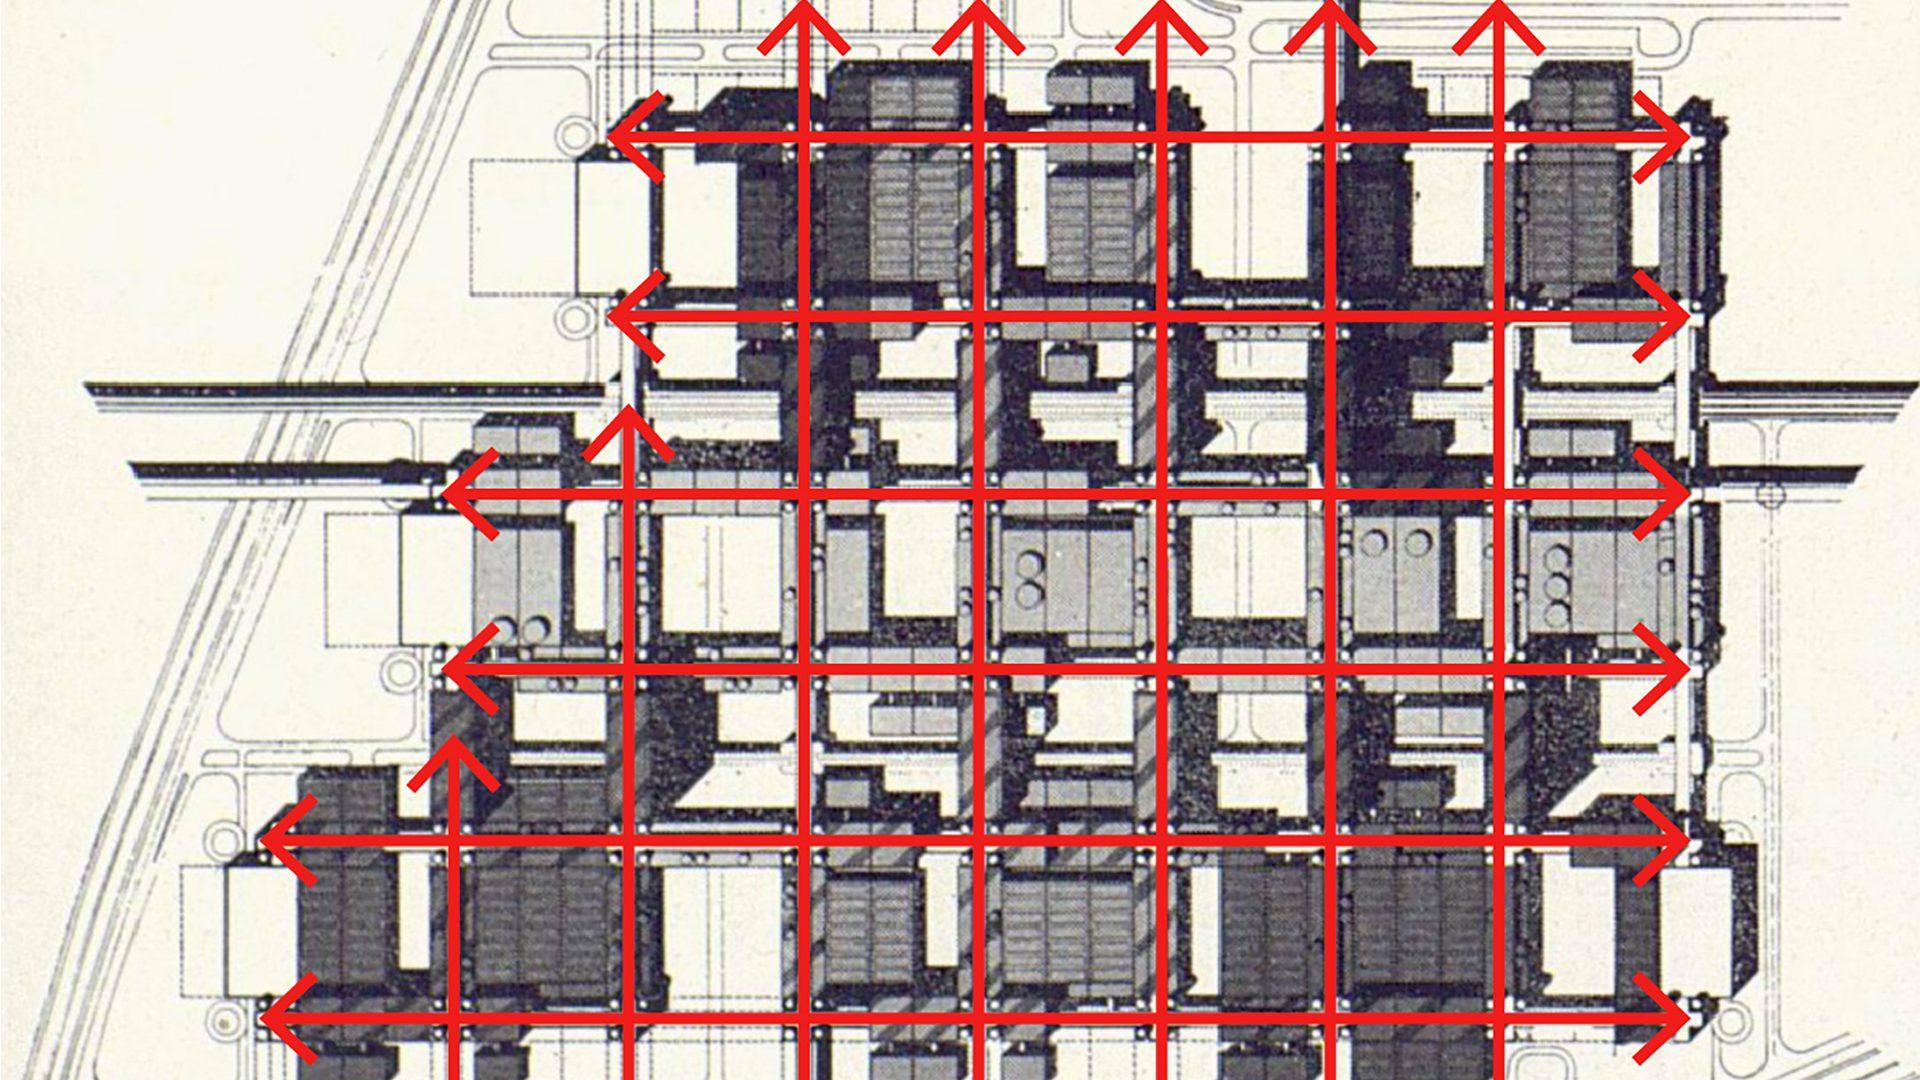 Mise en évidence des axes par des flèches rouge sur le plan en forme de grille.